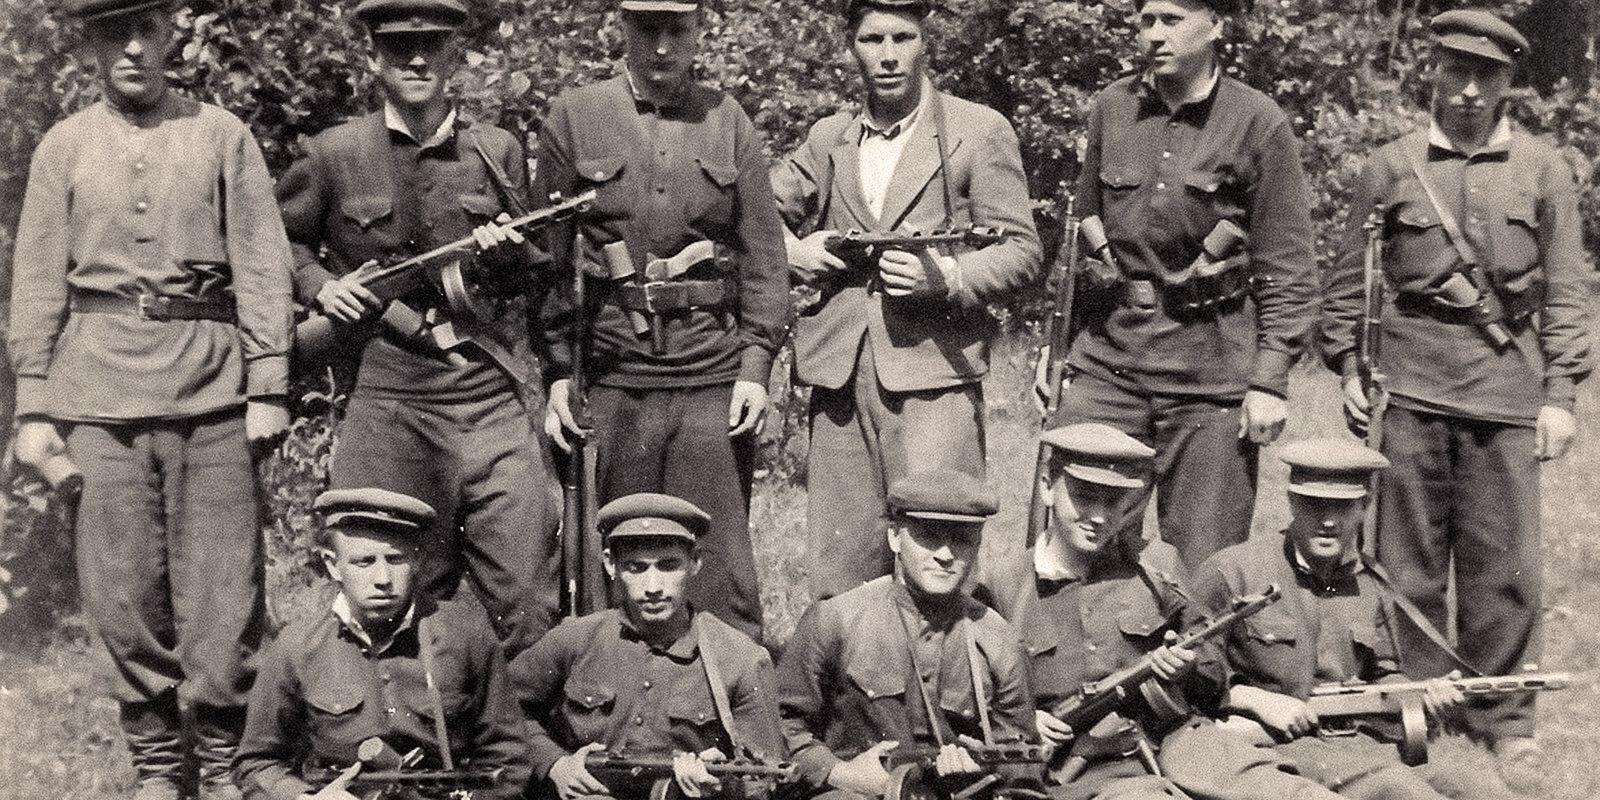 Vīri, kuri 1949. gadā dzina latviešus vagonos uz Sibīriju, – kas viņi bija?